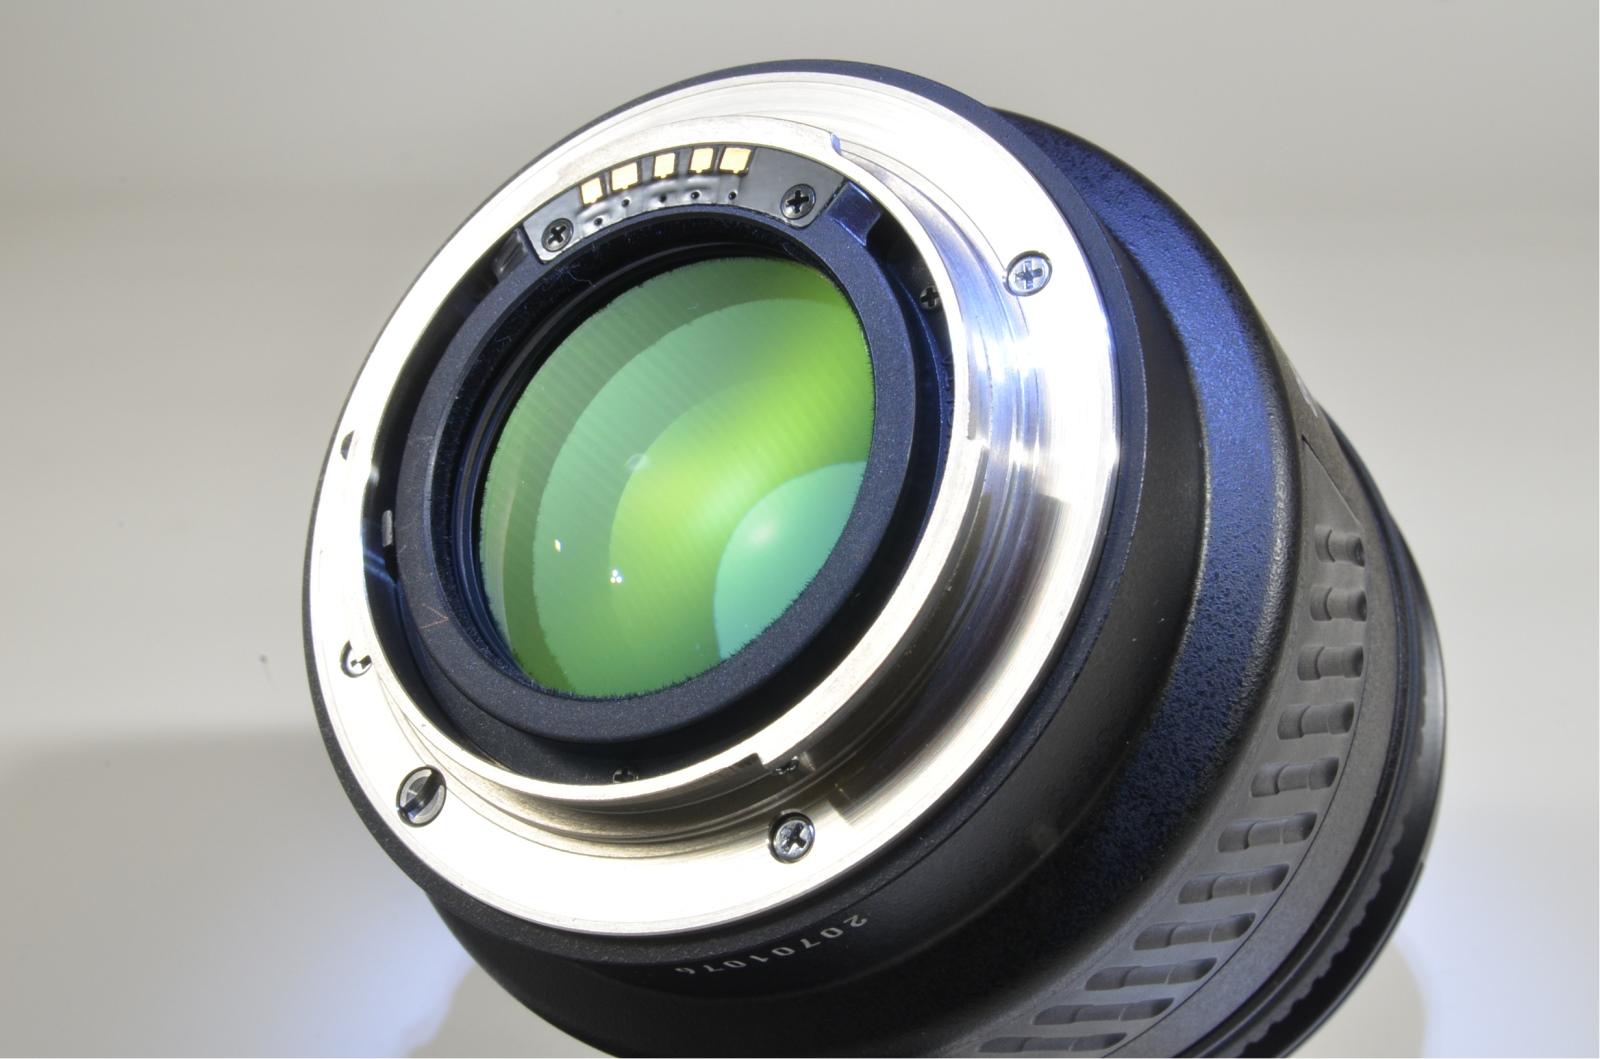 minolta af 85mm f1.4 g lens for sony alpha